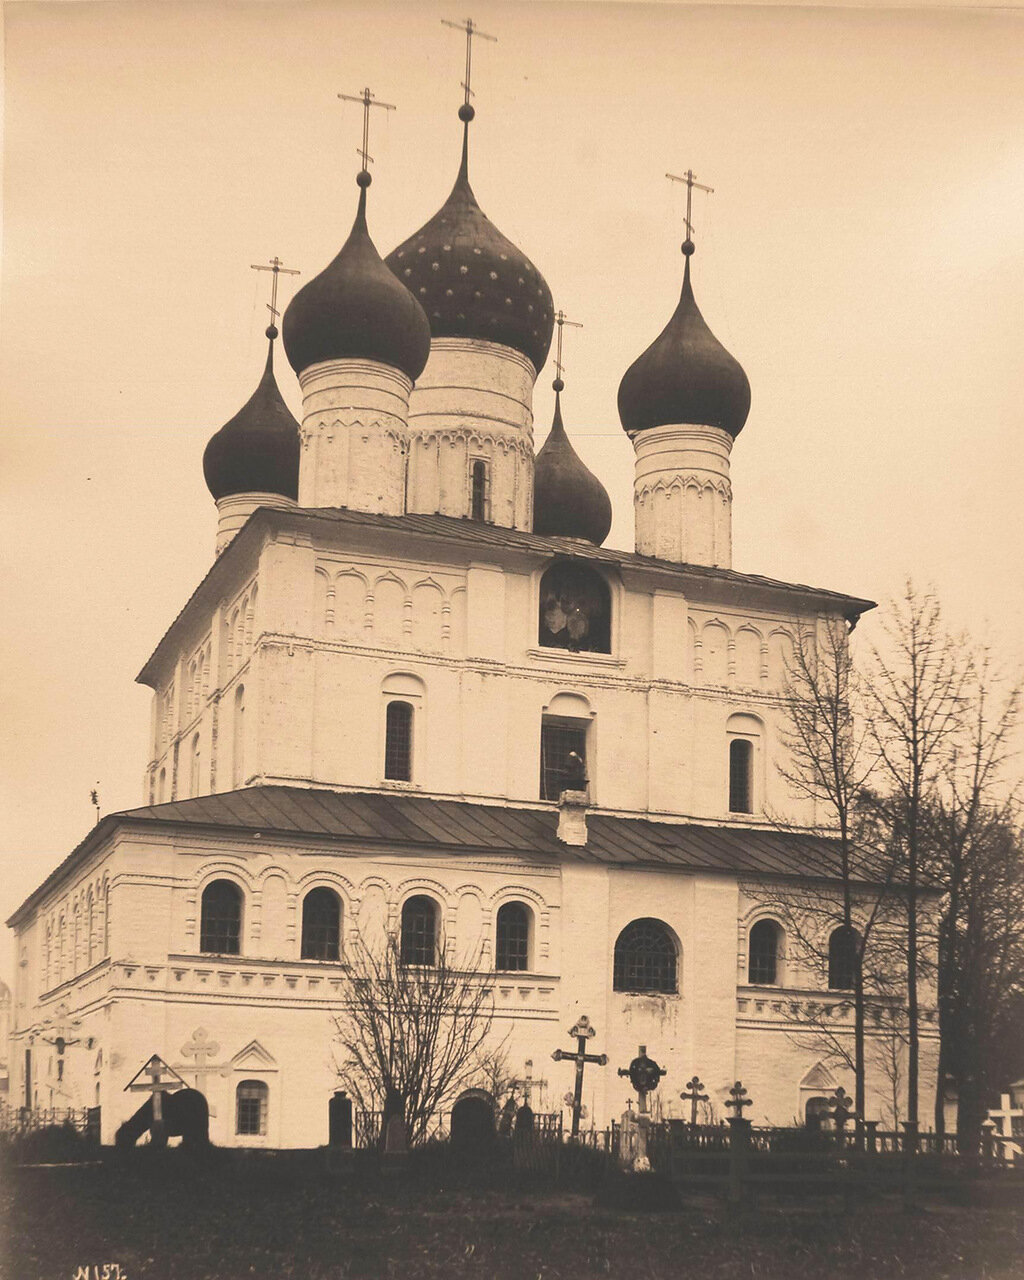 Вид на Спасский собор (церковь Спаса на Песках; построен в 1603 г.) Спасо-Яковлевского монастыря